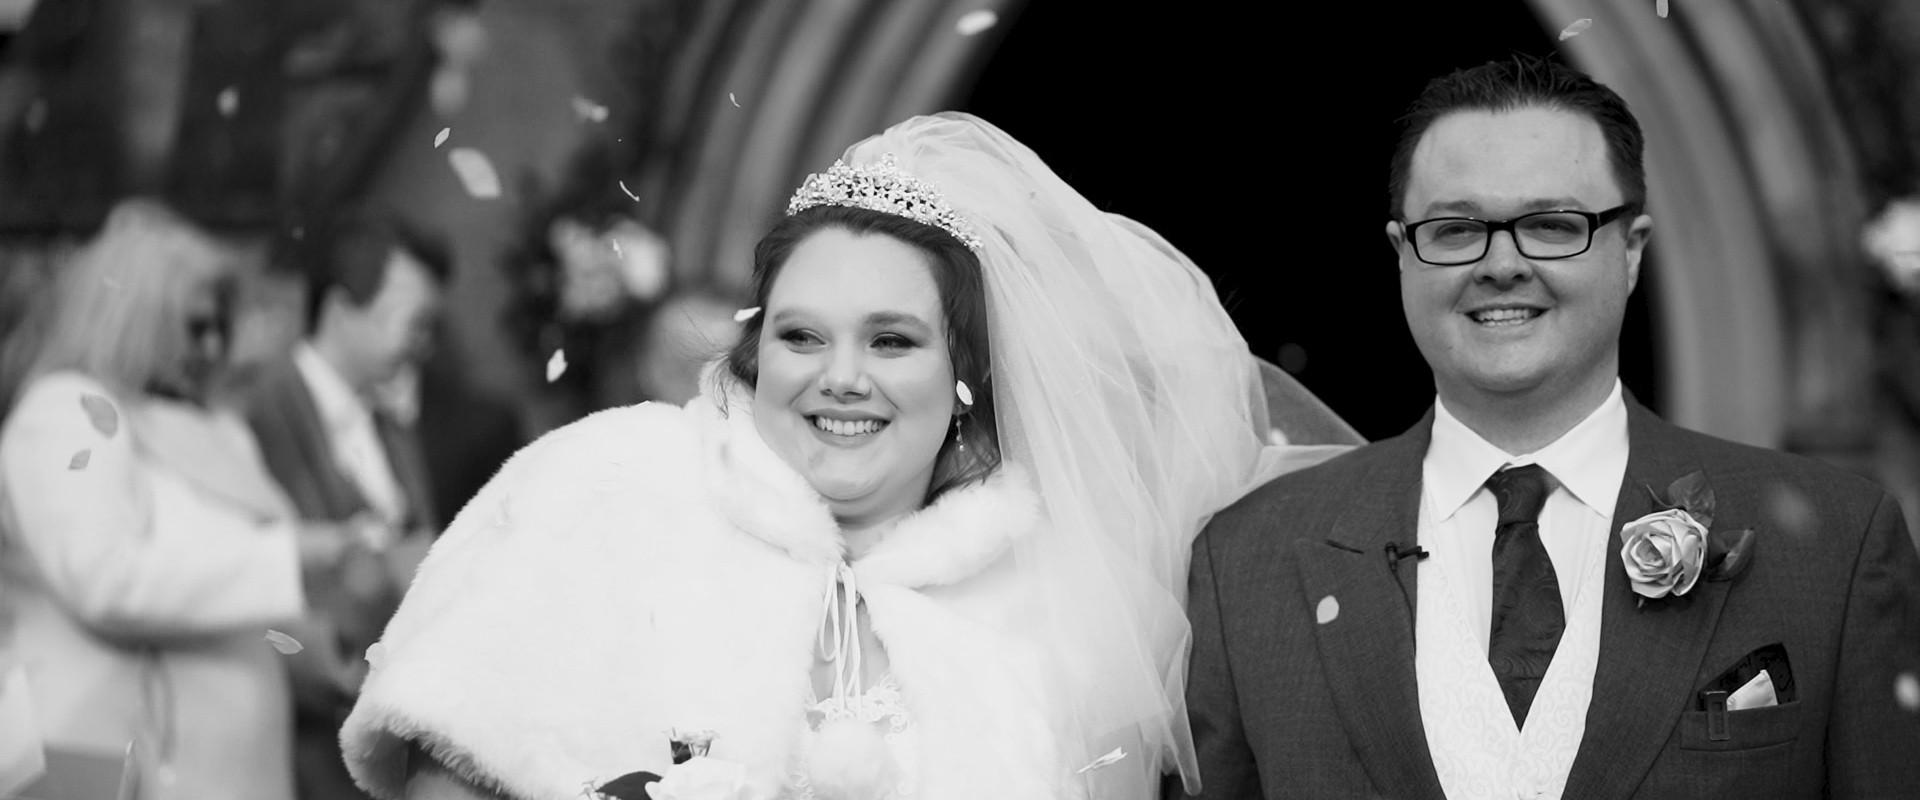 Wedding-ShortFilm-BW.00_04_39_16.Still03